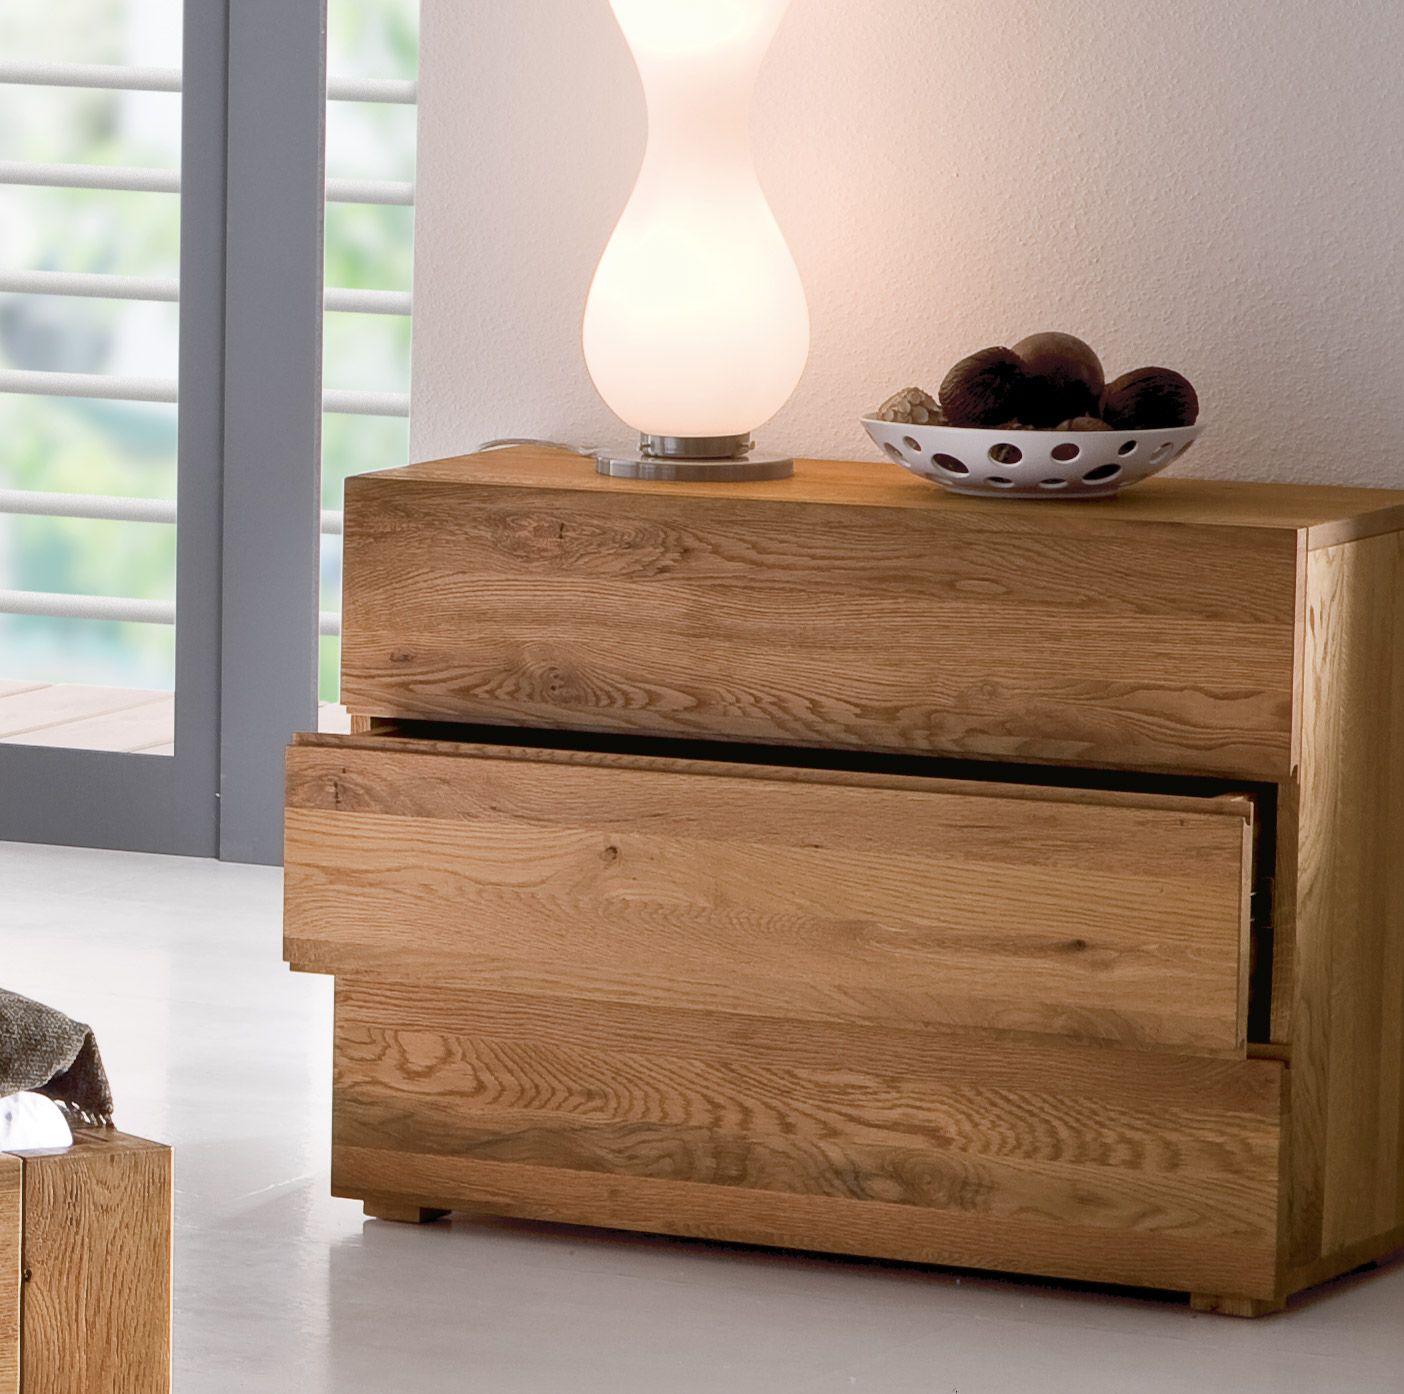 hochwertige kommode natura aus massivem eichenholz mit drei gro en schubladen. Black Bedroom Furniture Sets. Home Design Ideas